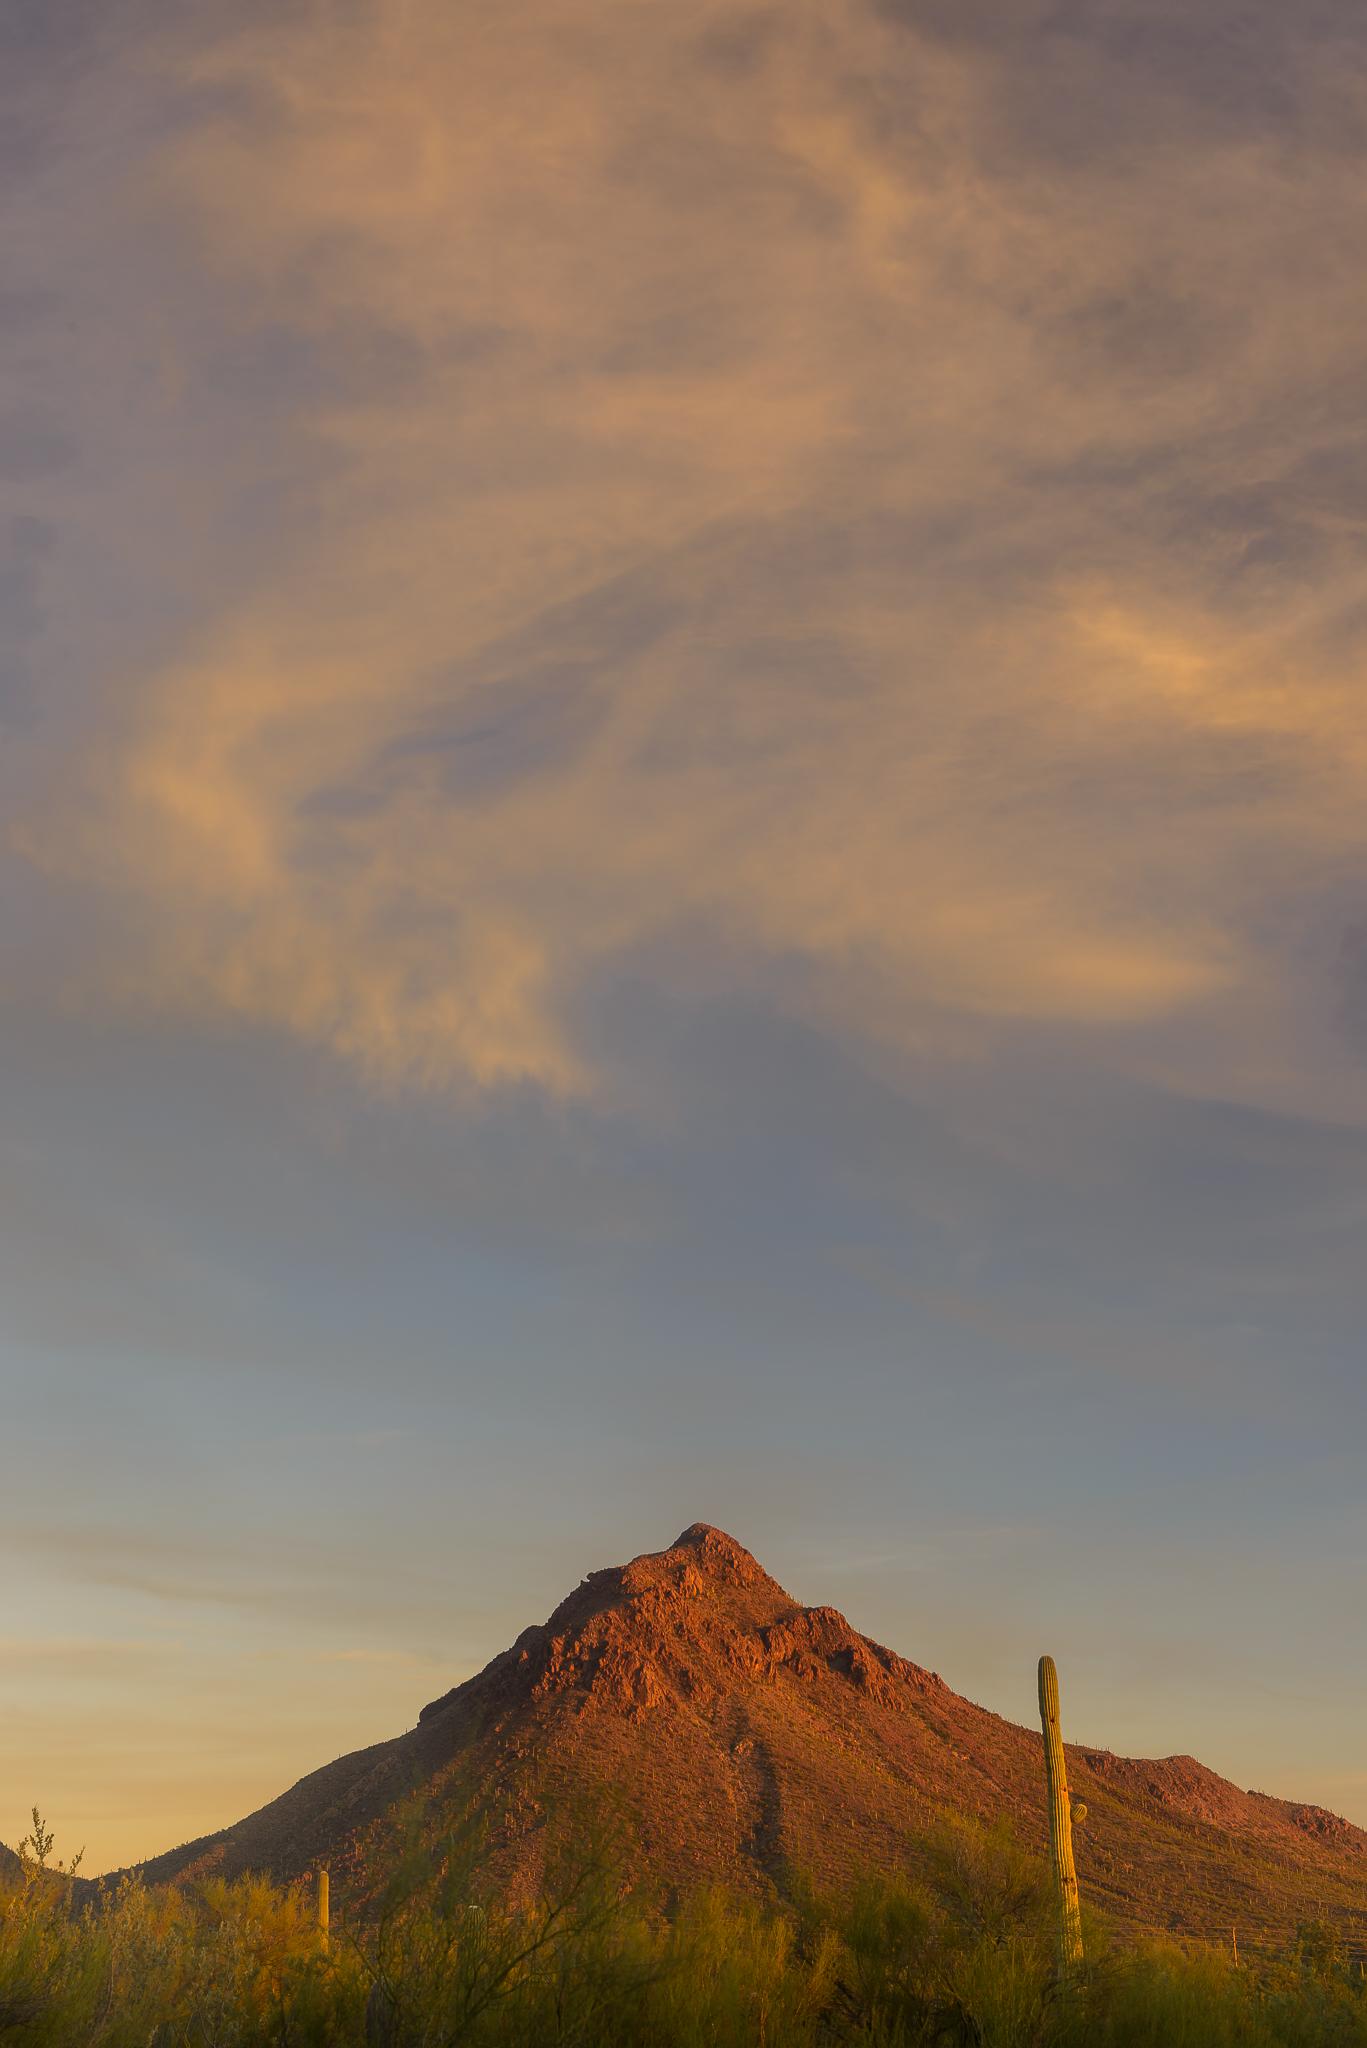 Witching hour. Saguaro National Park, AZ.